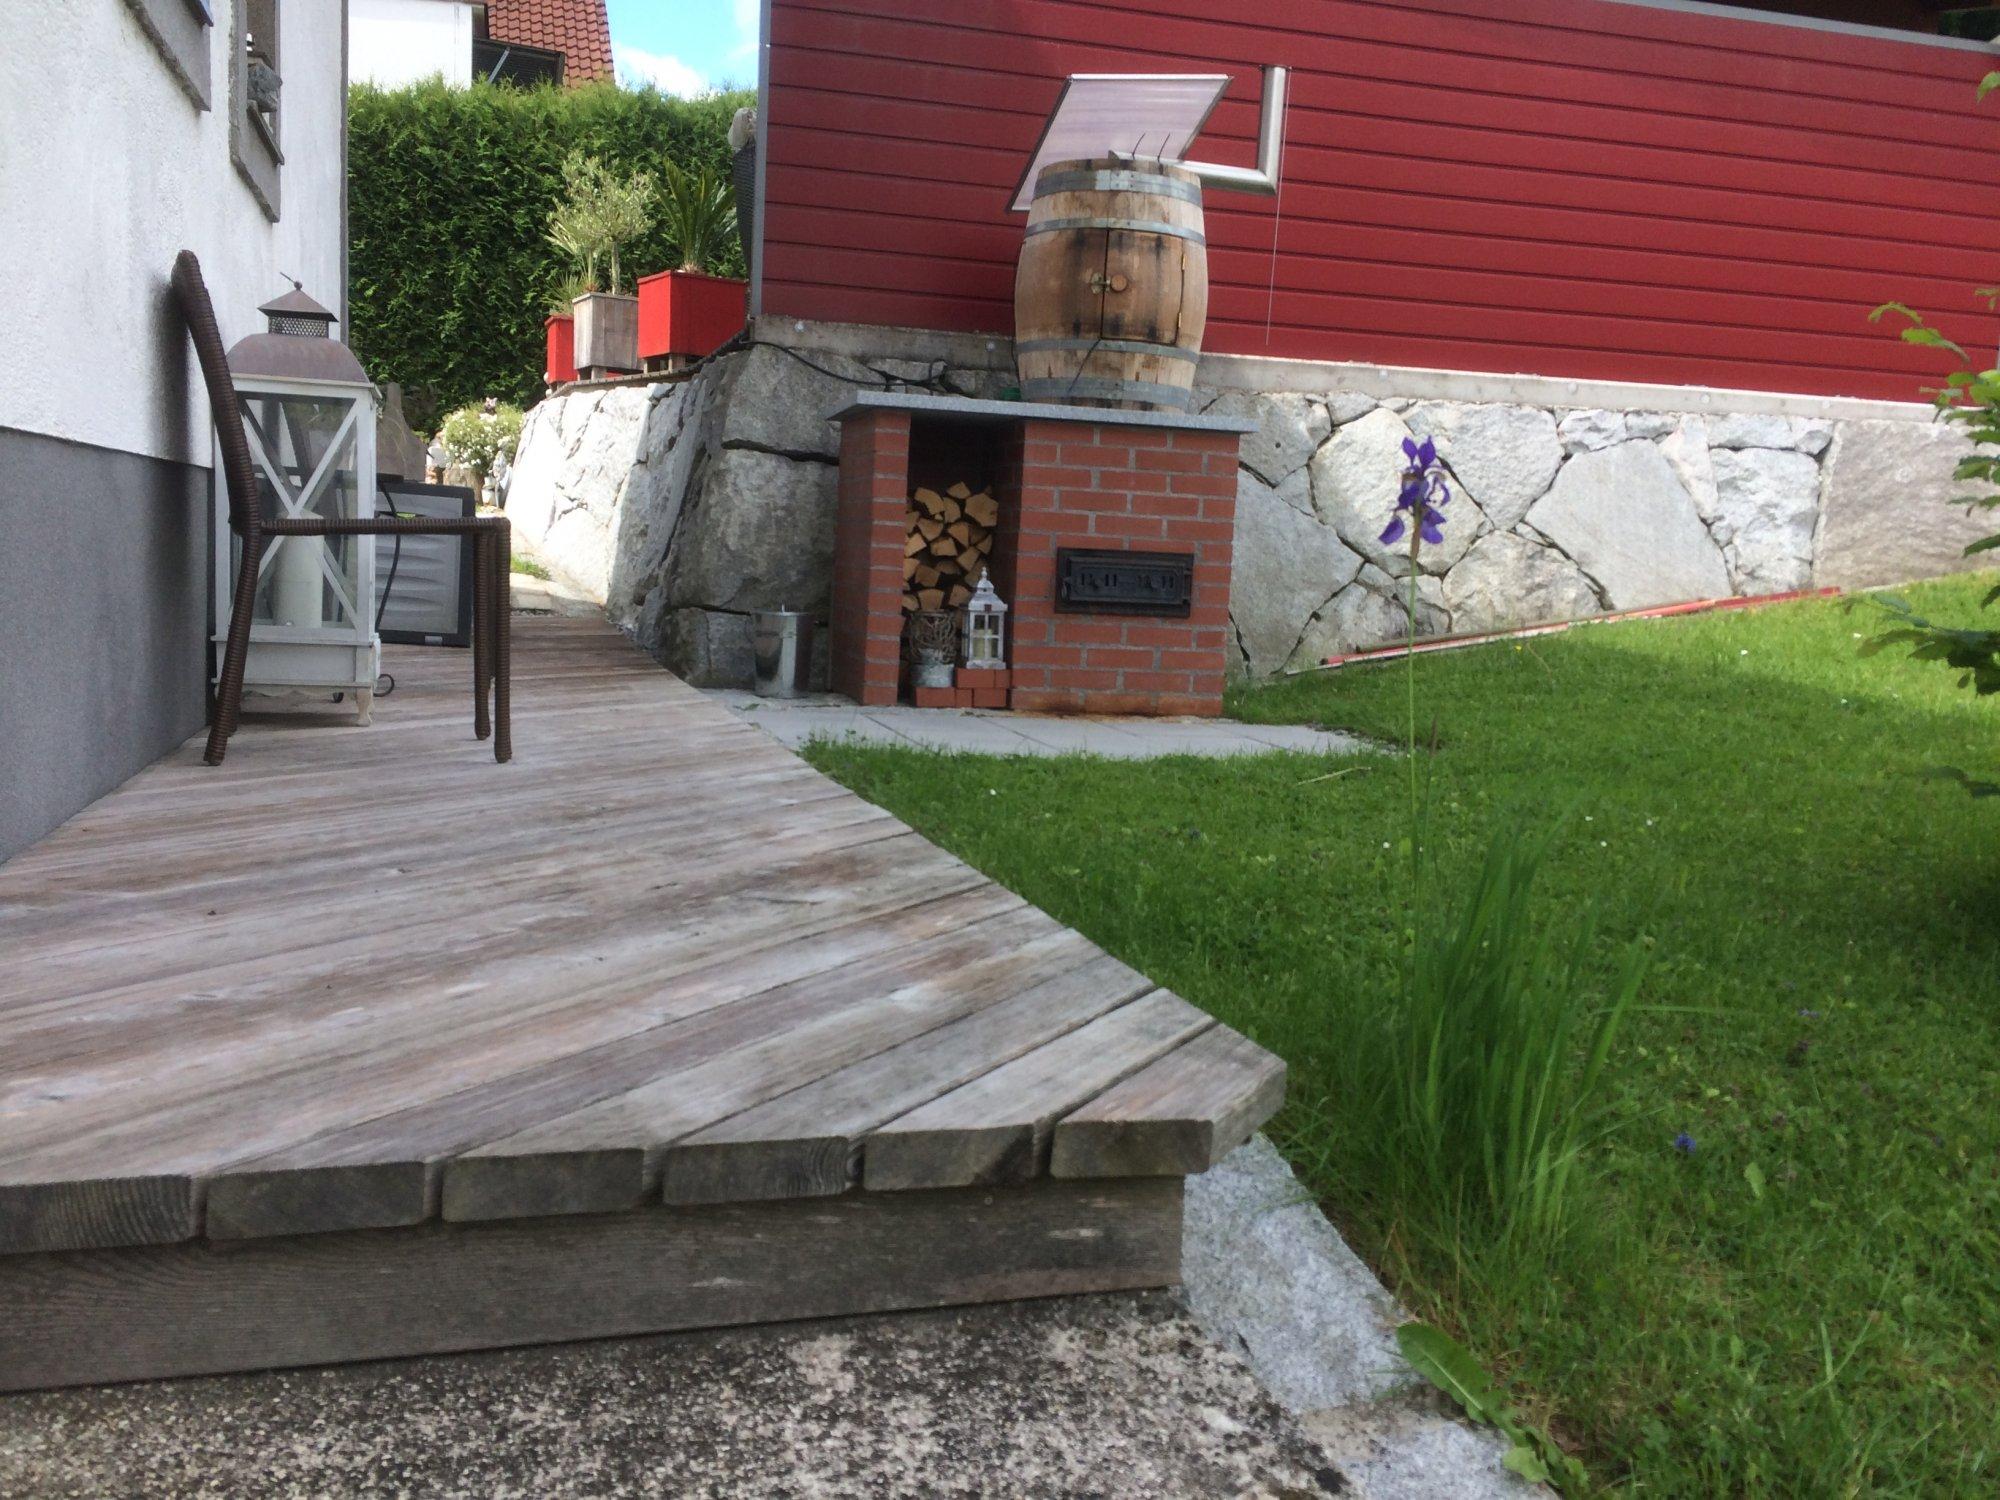 Outdoor Küche Edelstahl Xl : Outdoorküche von wwoo ein perfekter ort zum entspannen